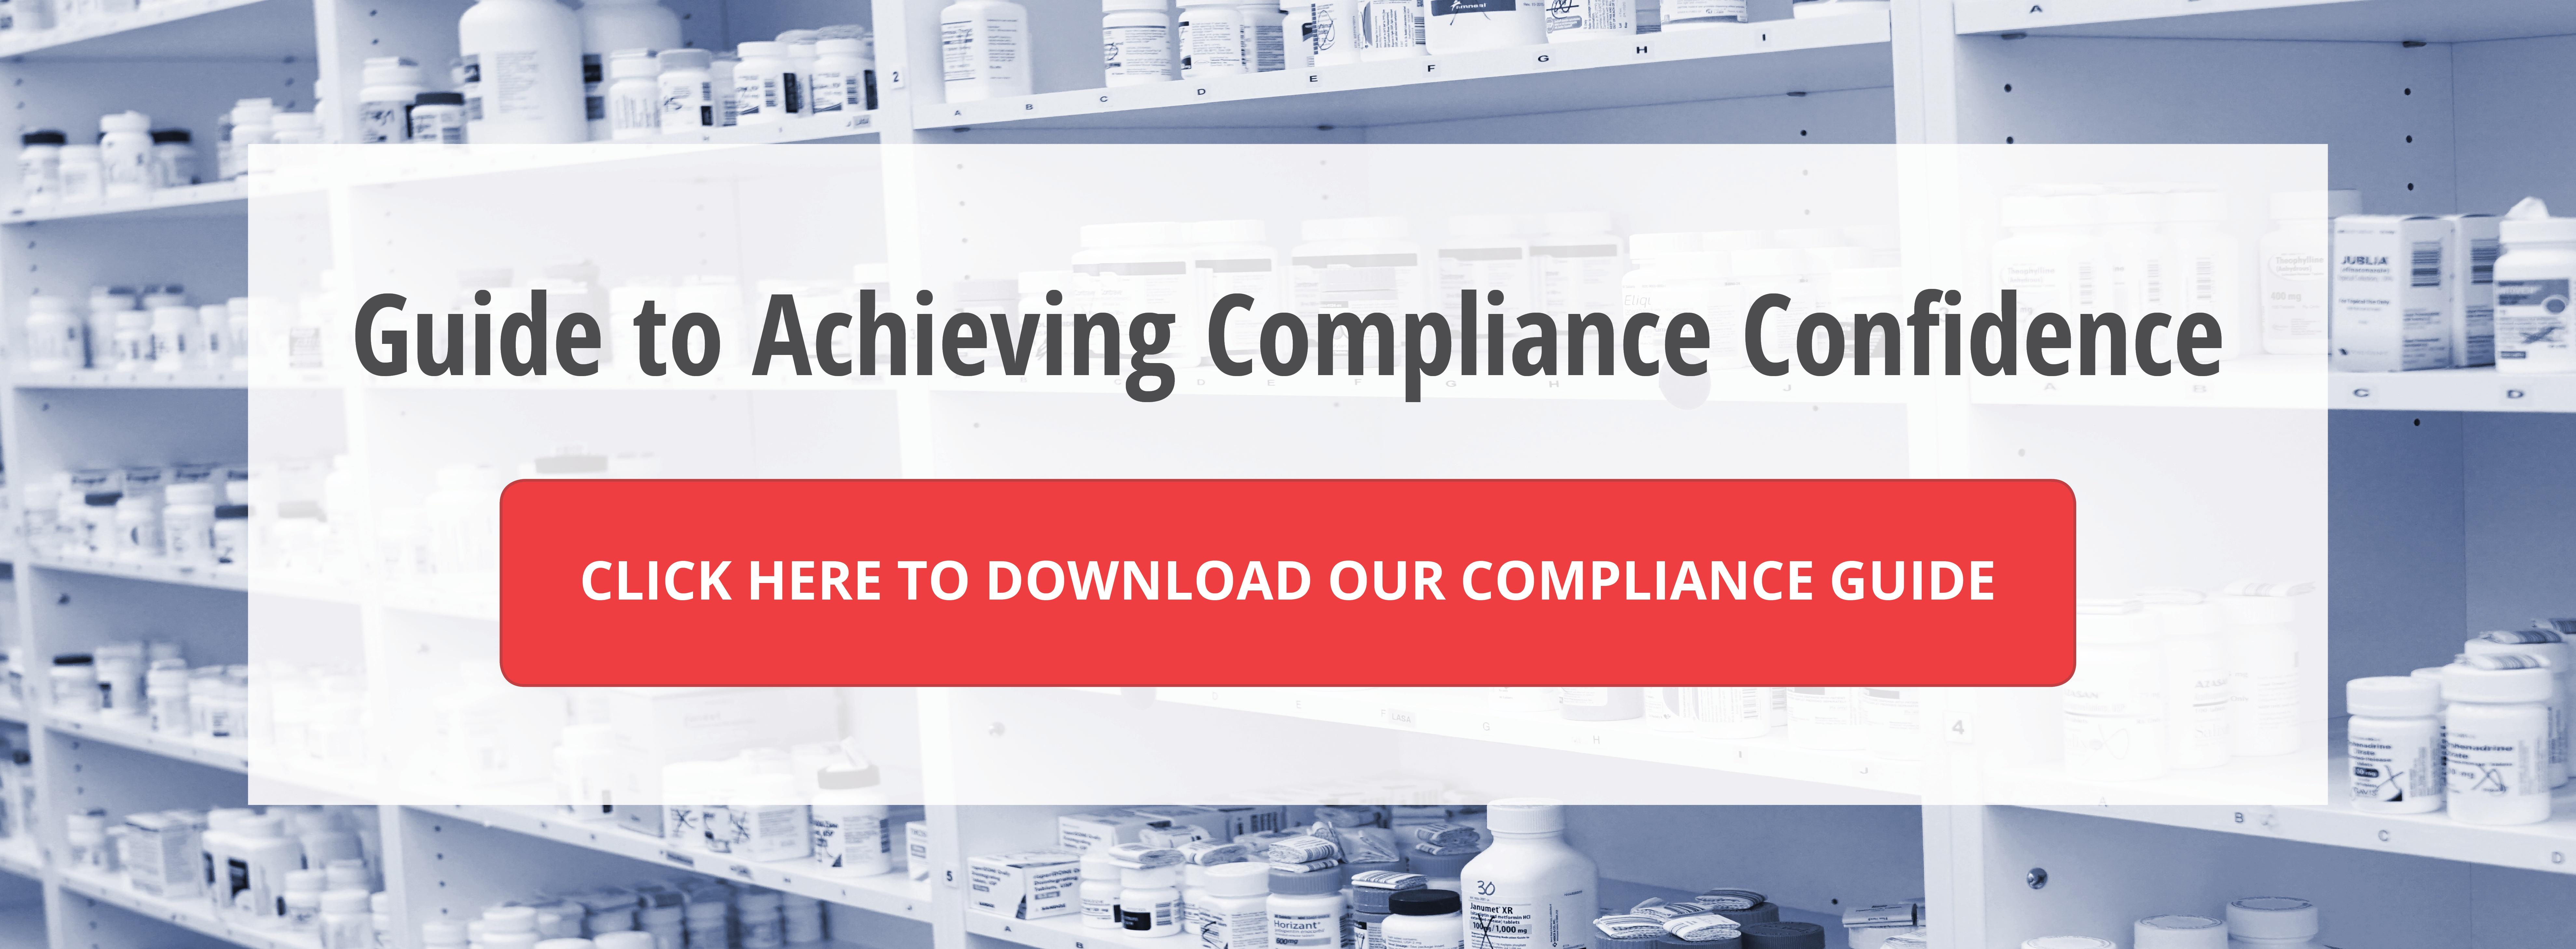 Download Compliance Guide Bottom Banner v2